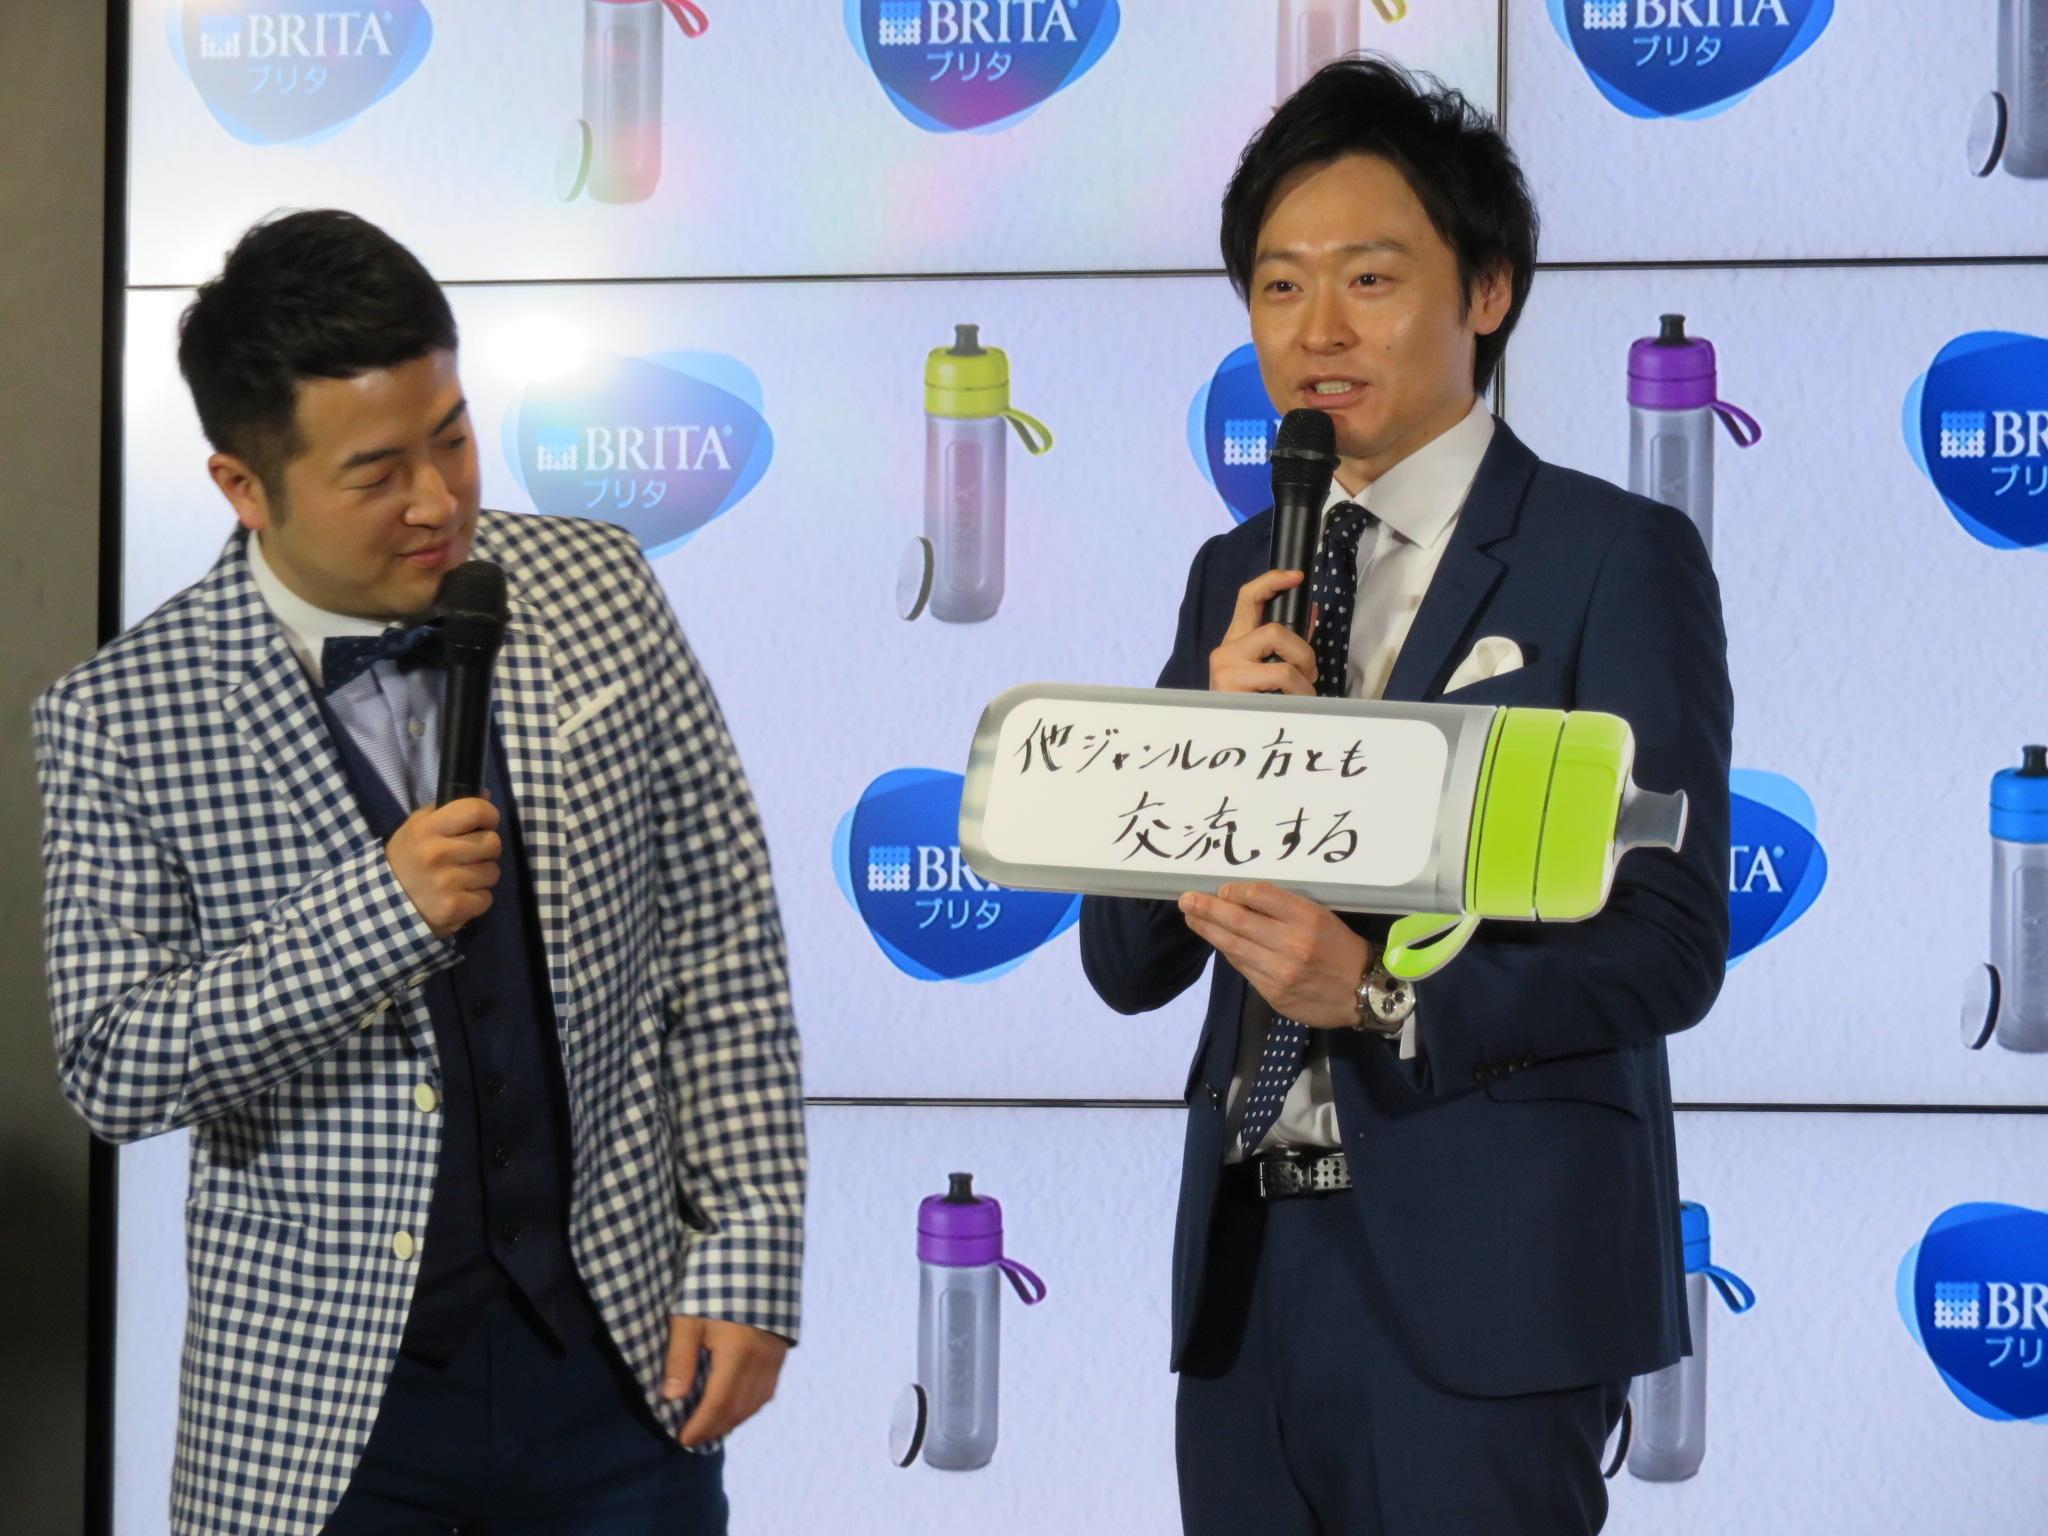 http://news.yoshimoto.co.jp/20180207190846-26e2684b103bf9bbeb62910f53a822c580b2a861.jpg